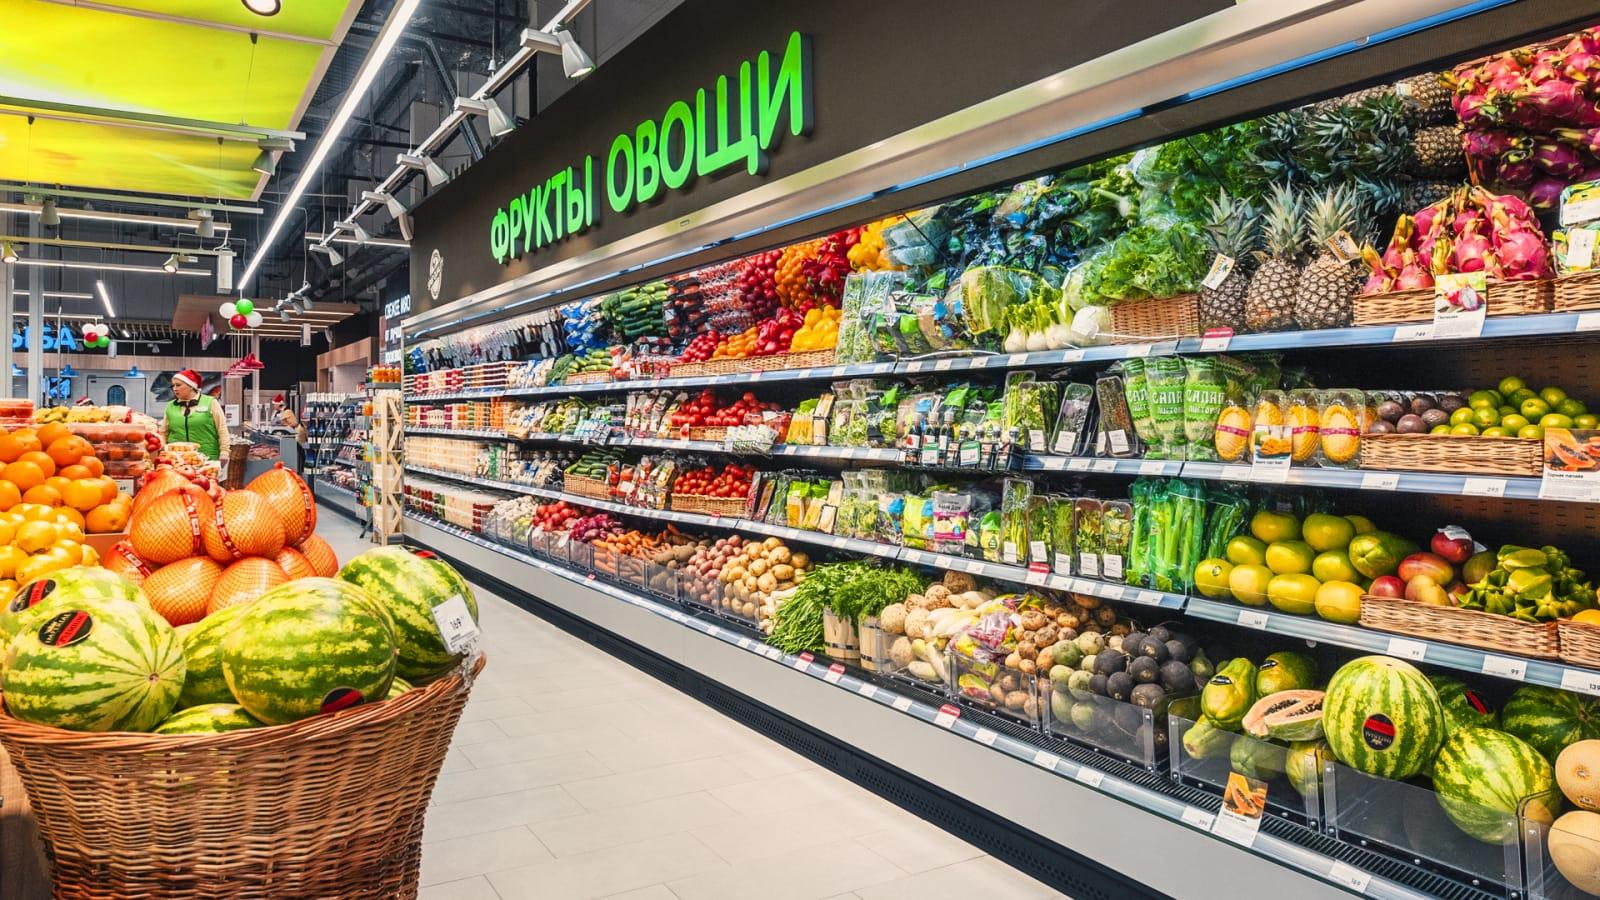 俄罗斯超市蔬菜|俄罗斯留学物价|俄罗斯超市物价|俄罗斯留学